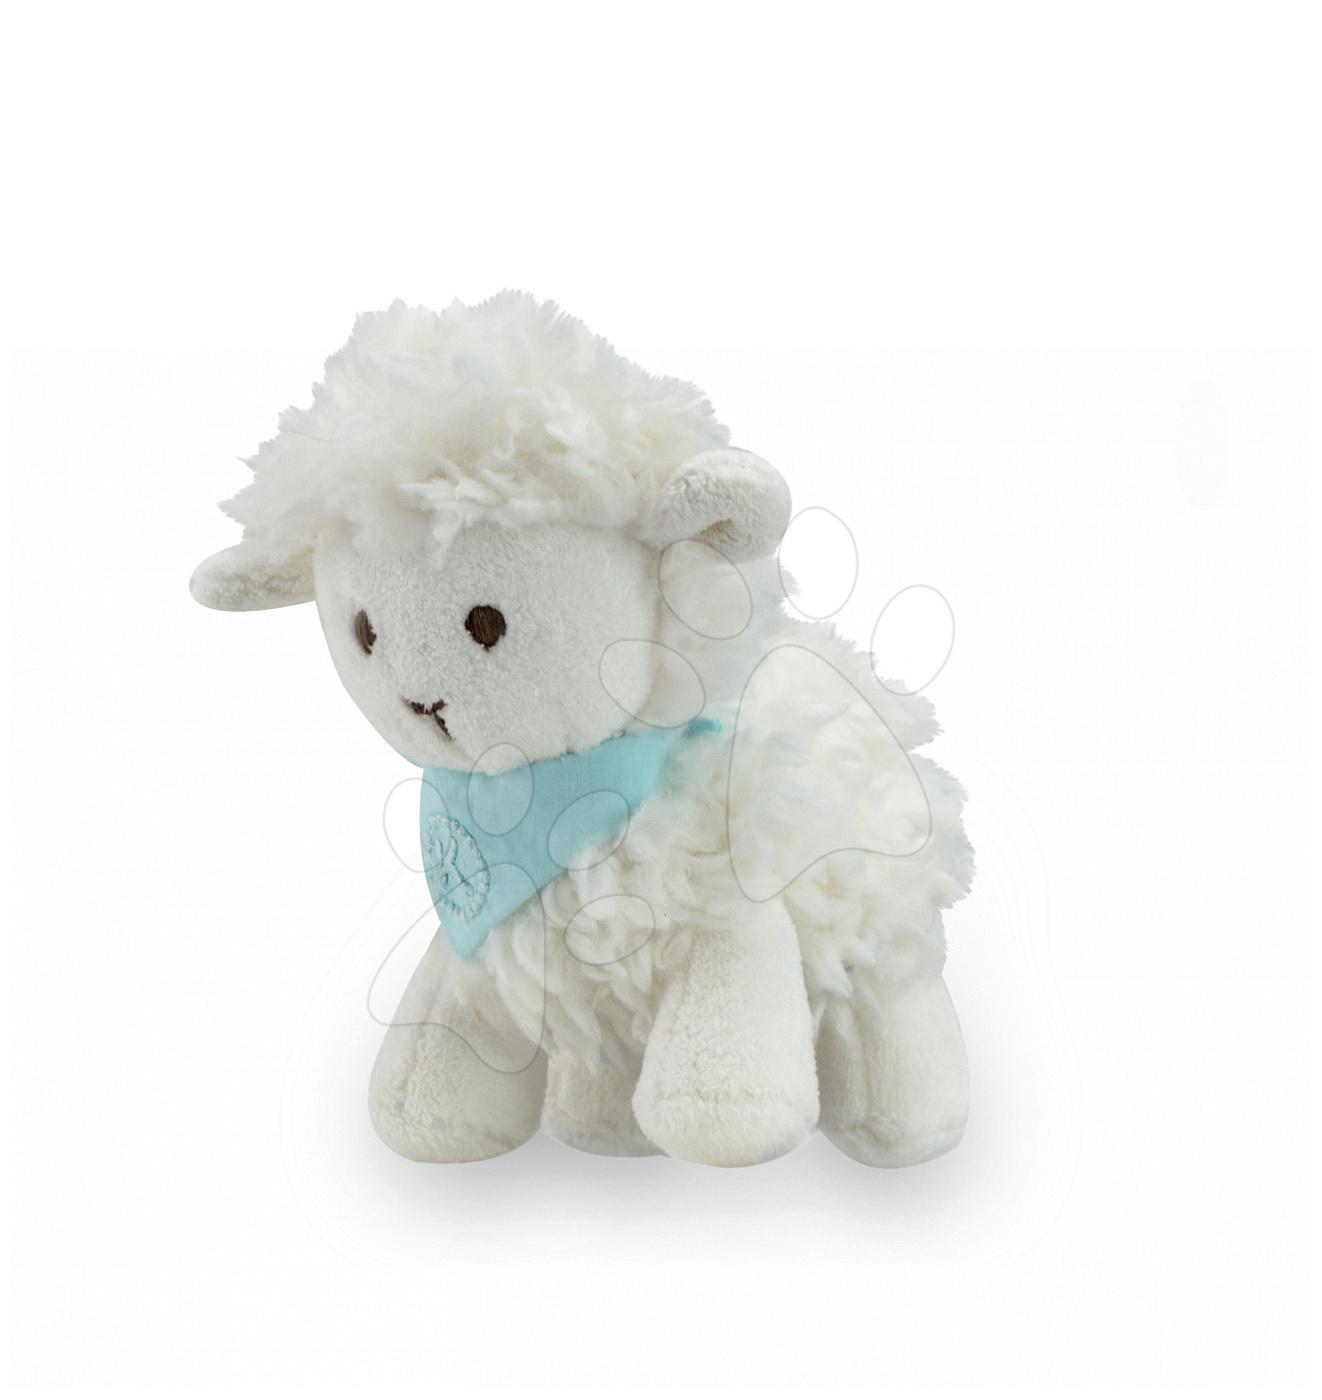 Plyšové zvieratká - Plyšová ovečka Vanille Les Amis-Agneau Kaloo 12 cm v darčekovom balení pre najmenších